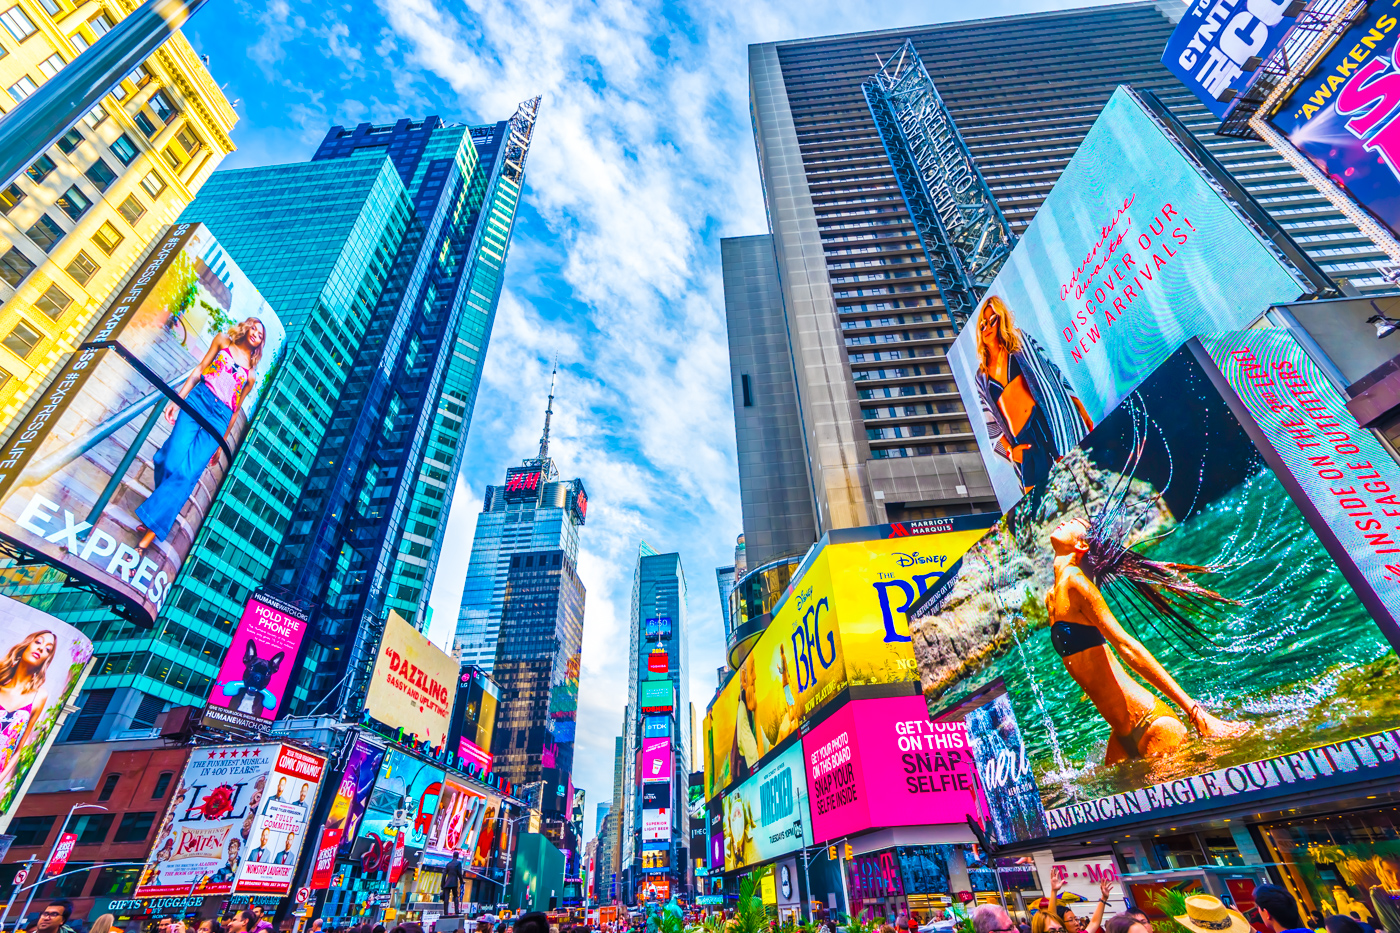 ニューヨーク タイムズ・スクエア アイキャッチ画像